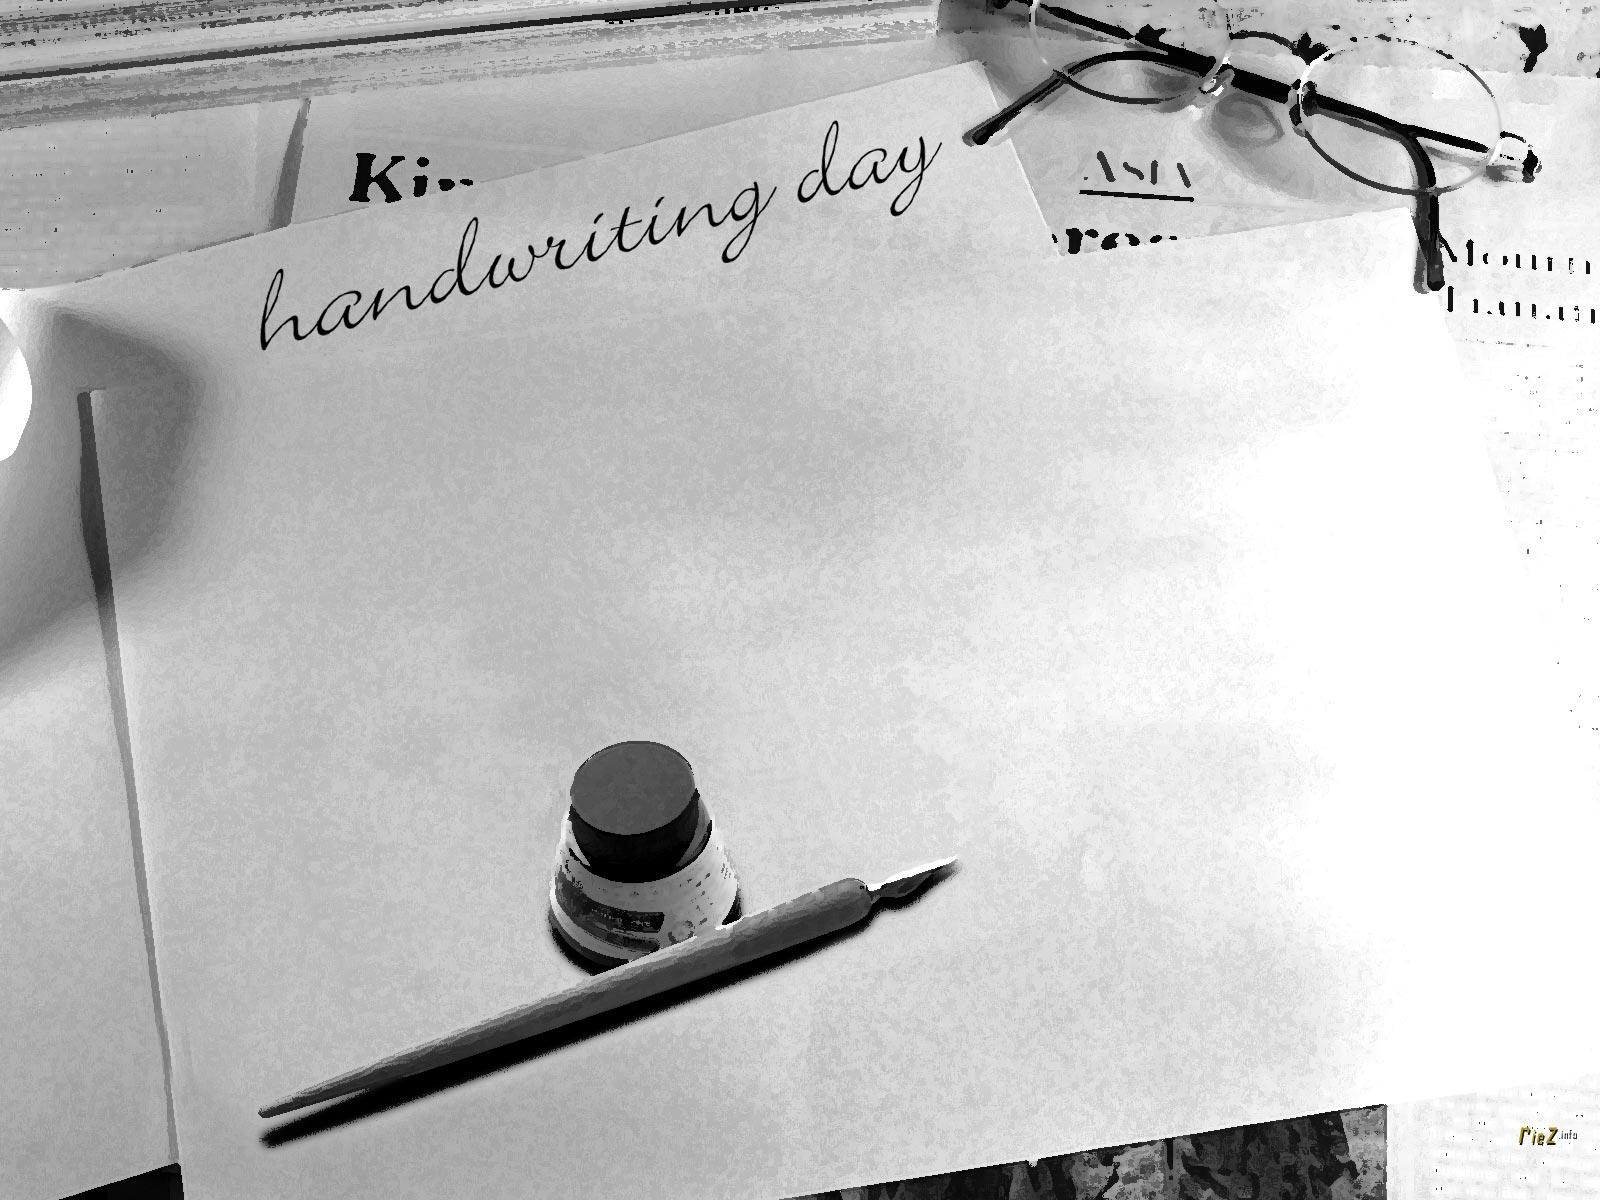 Azi e Ziua Internațională a scrisului de mână